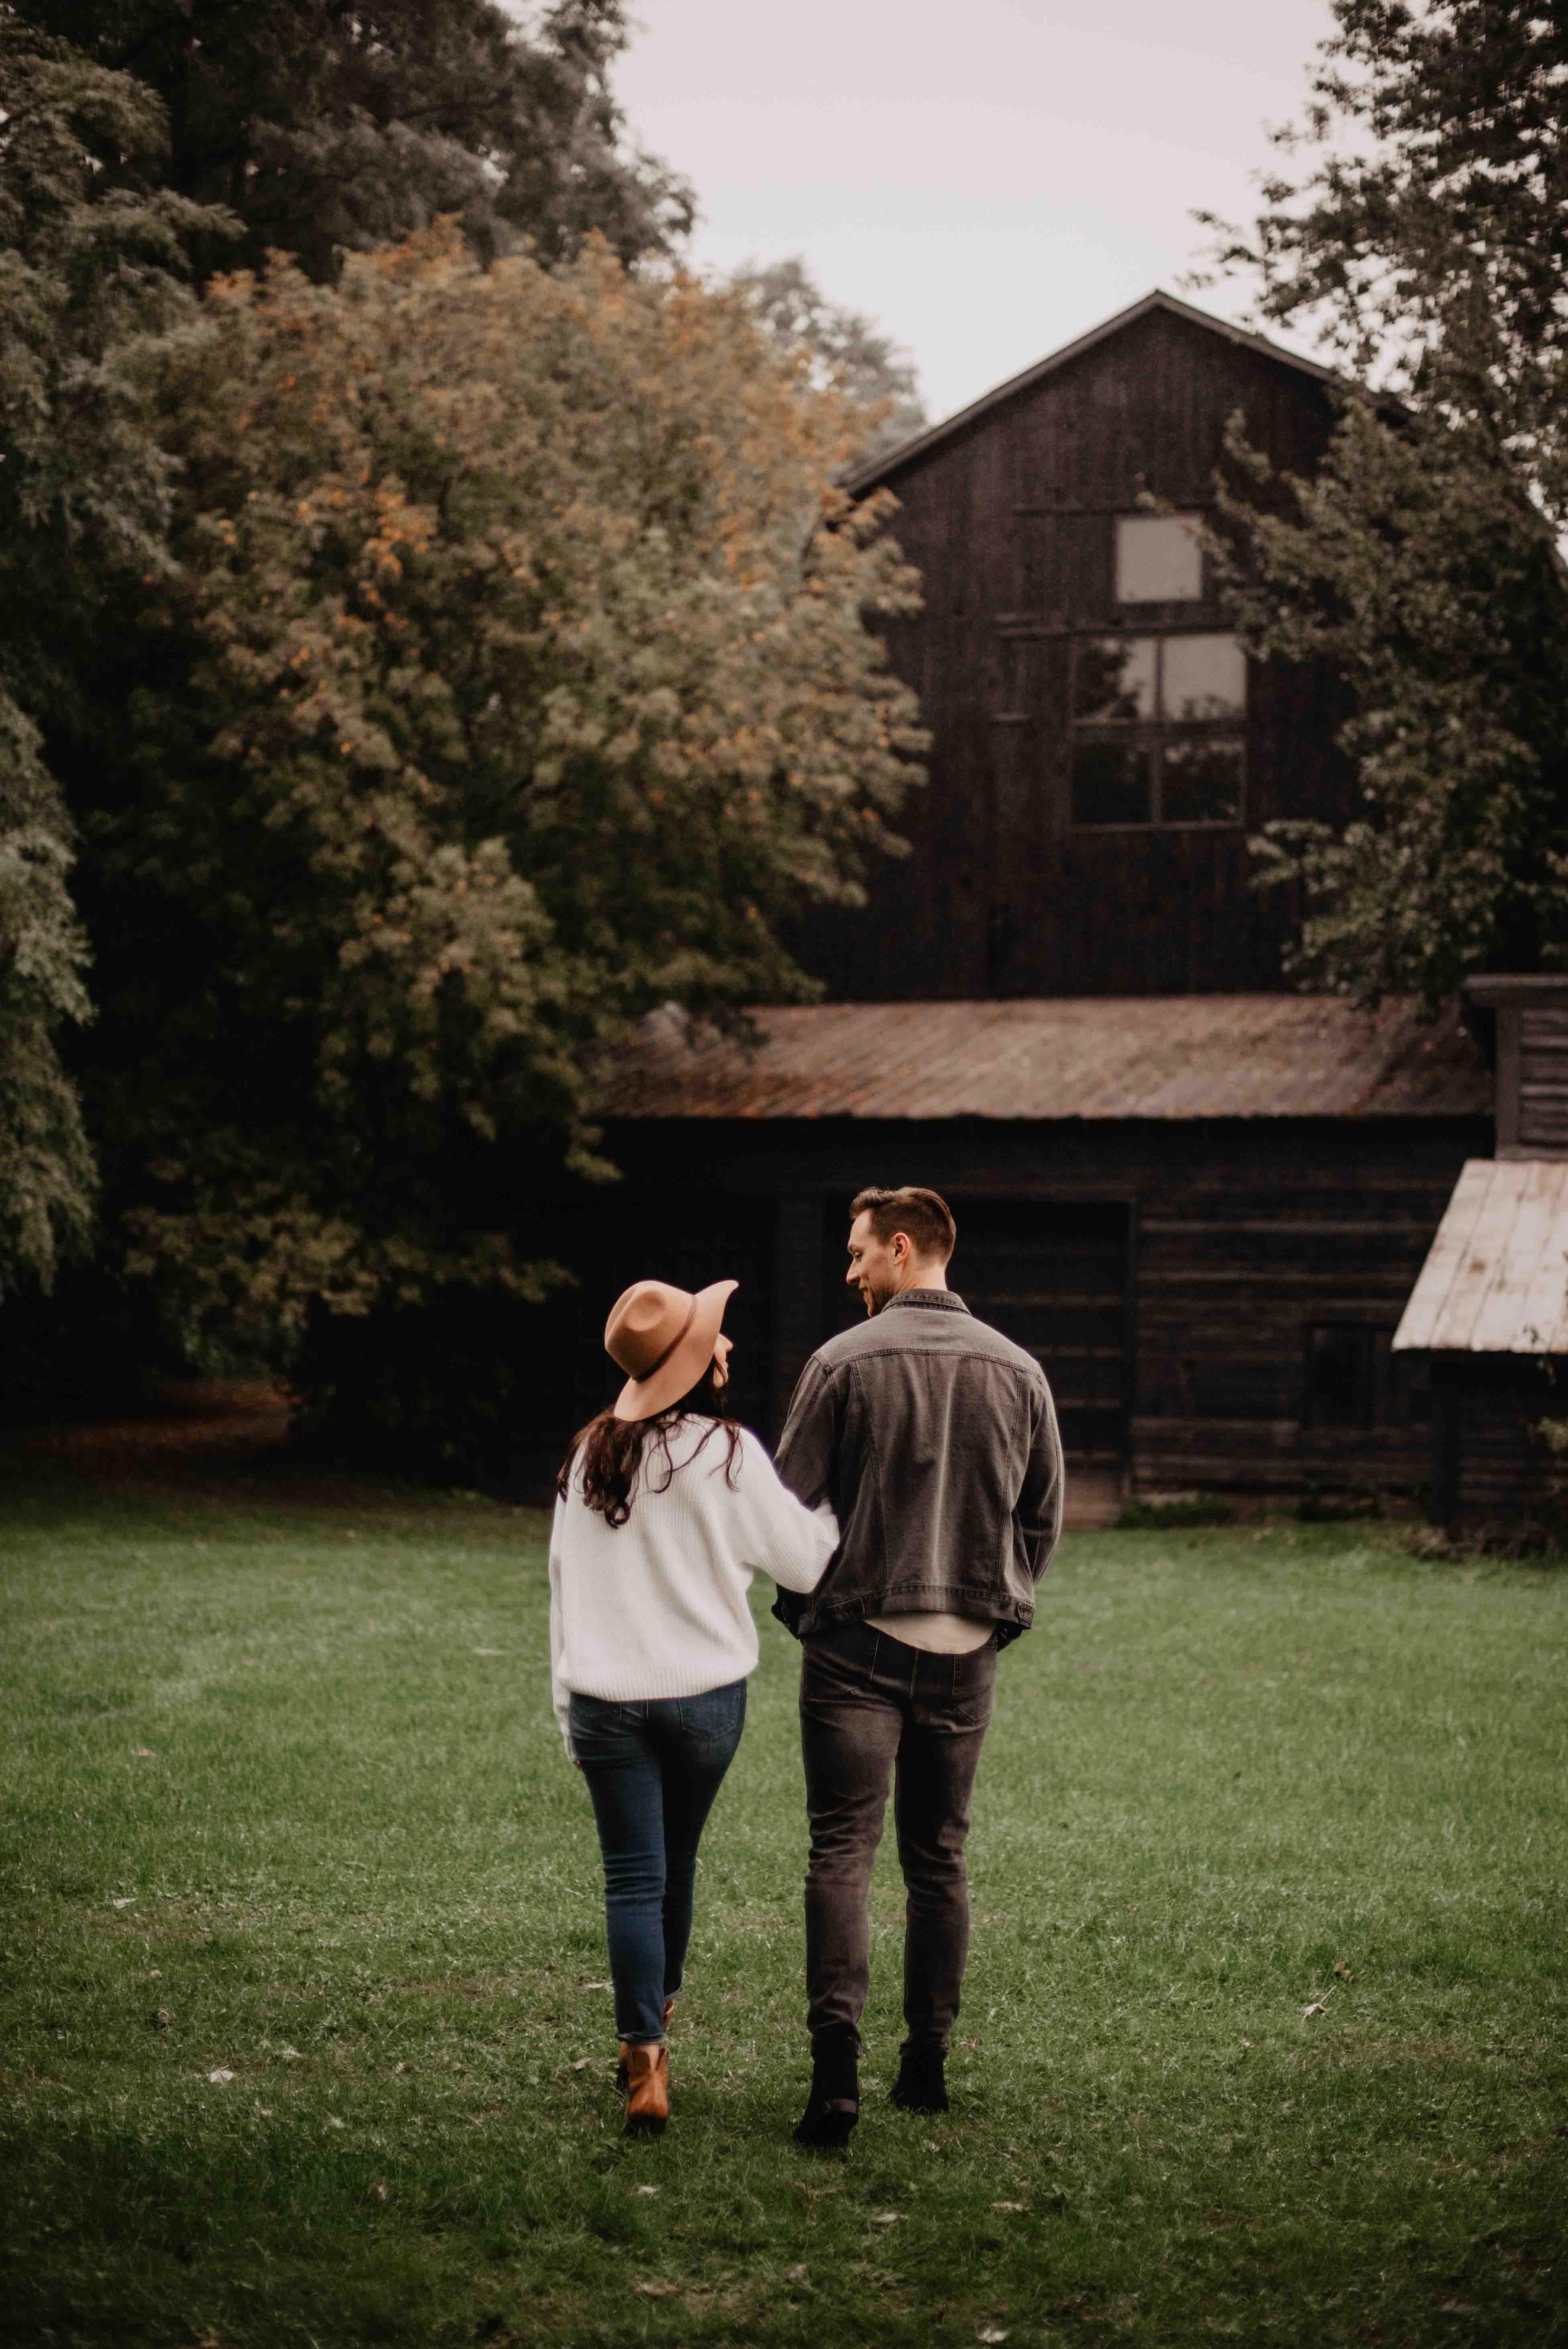 chàng trai và cô gái dứng trên cánh đồng cỏ